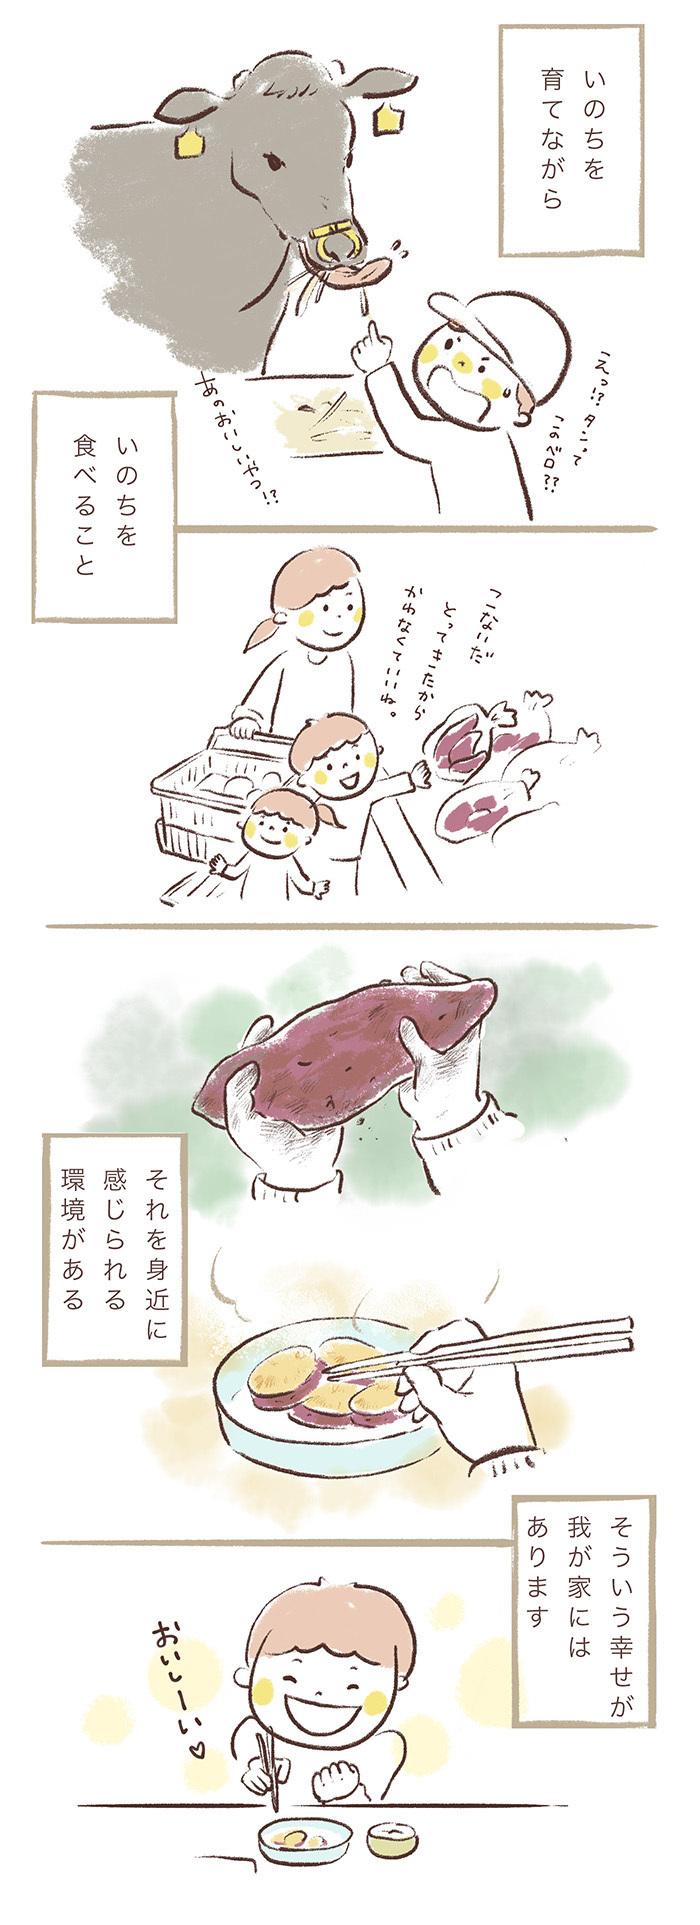 ウチの食卓は、農家ならではの幸せがいっぱい♡<第5回投稿コンテスト NO.93>の画像3